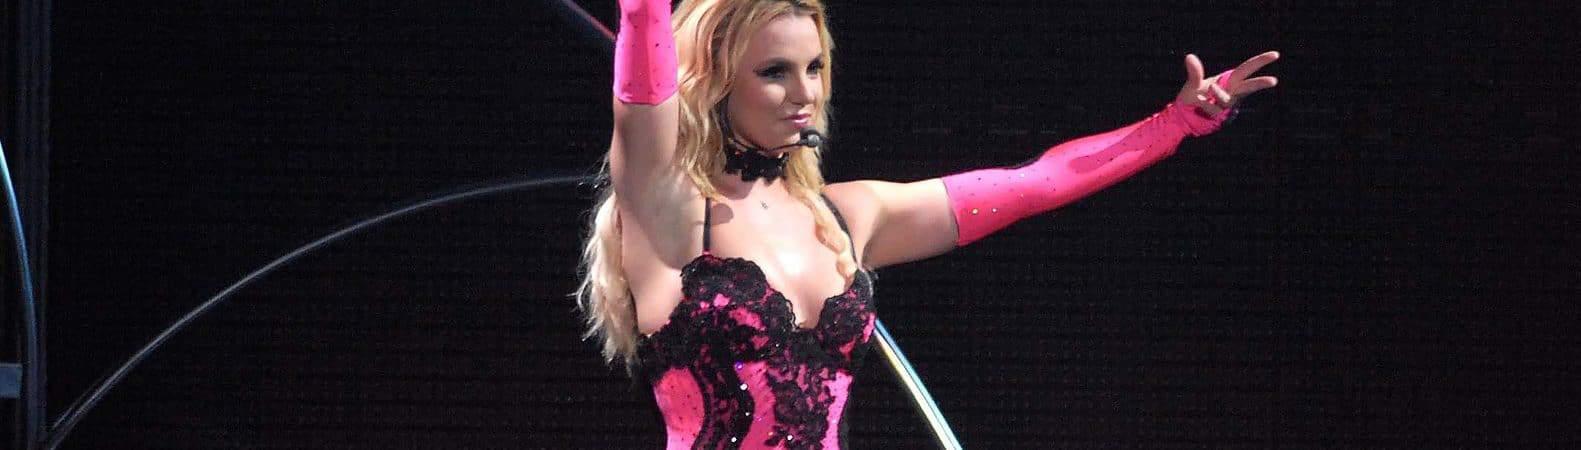 Cantora Britney Spears durante show no Rio de Janeiro, em 2011. Imagem: A.PAES/Shutterstock